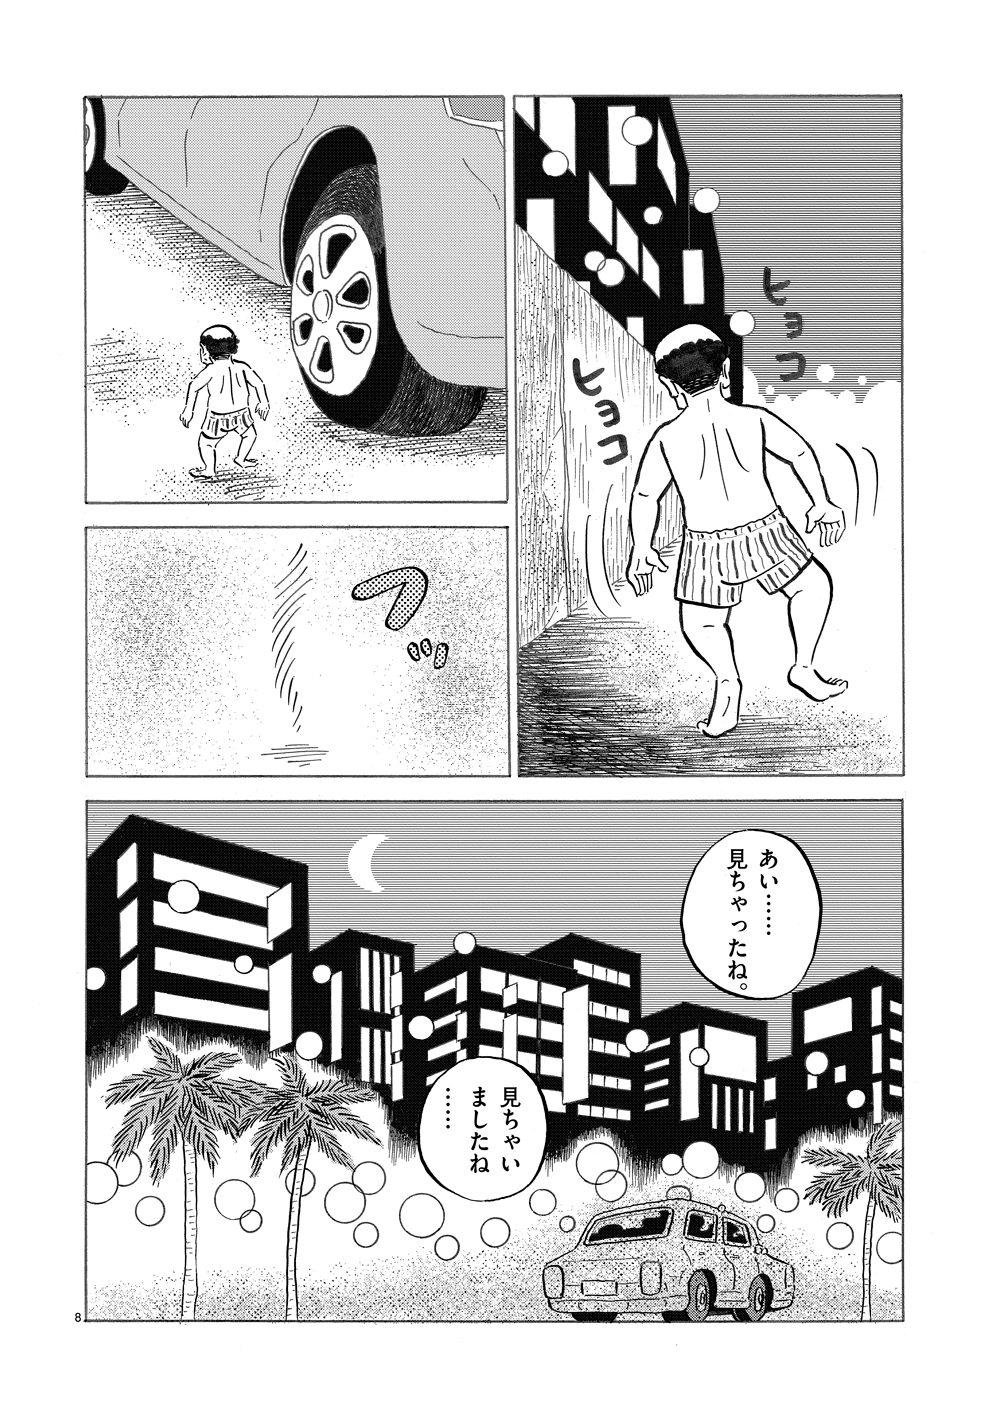 琉球怪談 【第1話】WEB掲載8ページ目画像